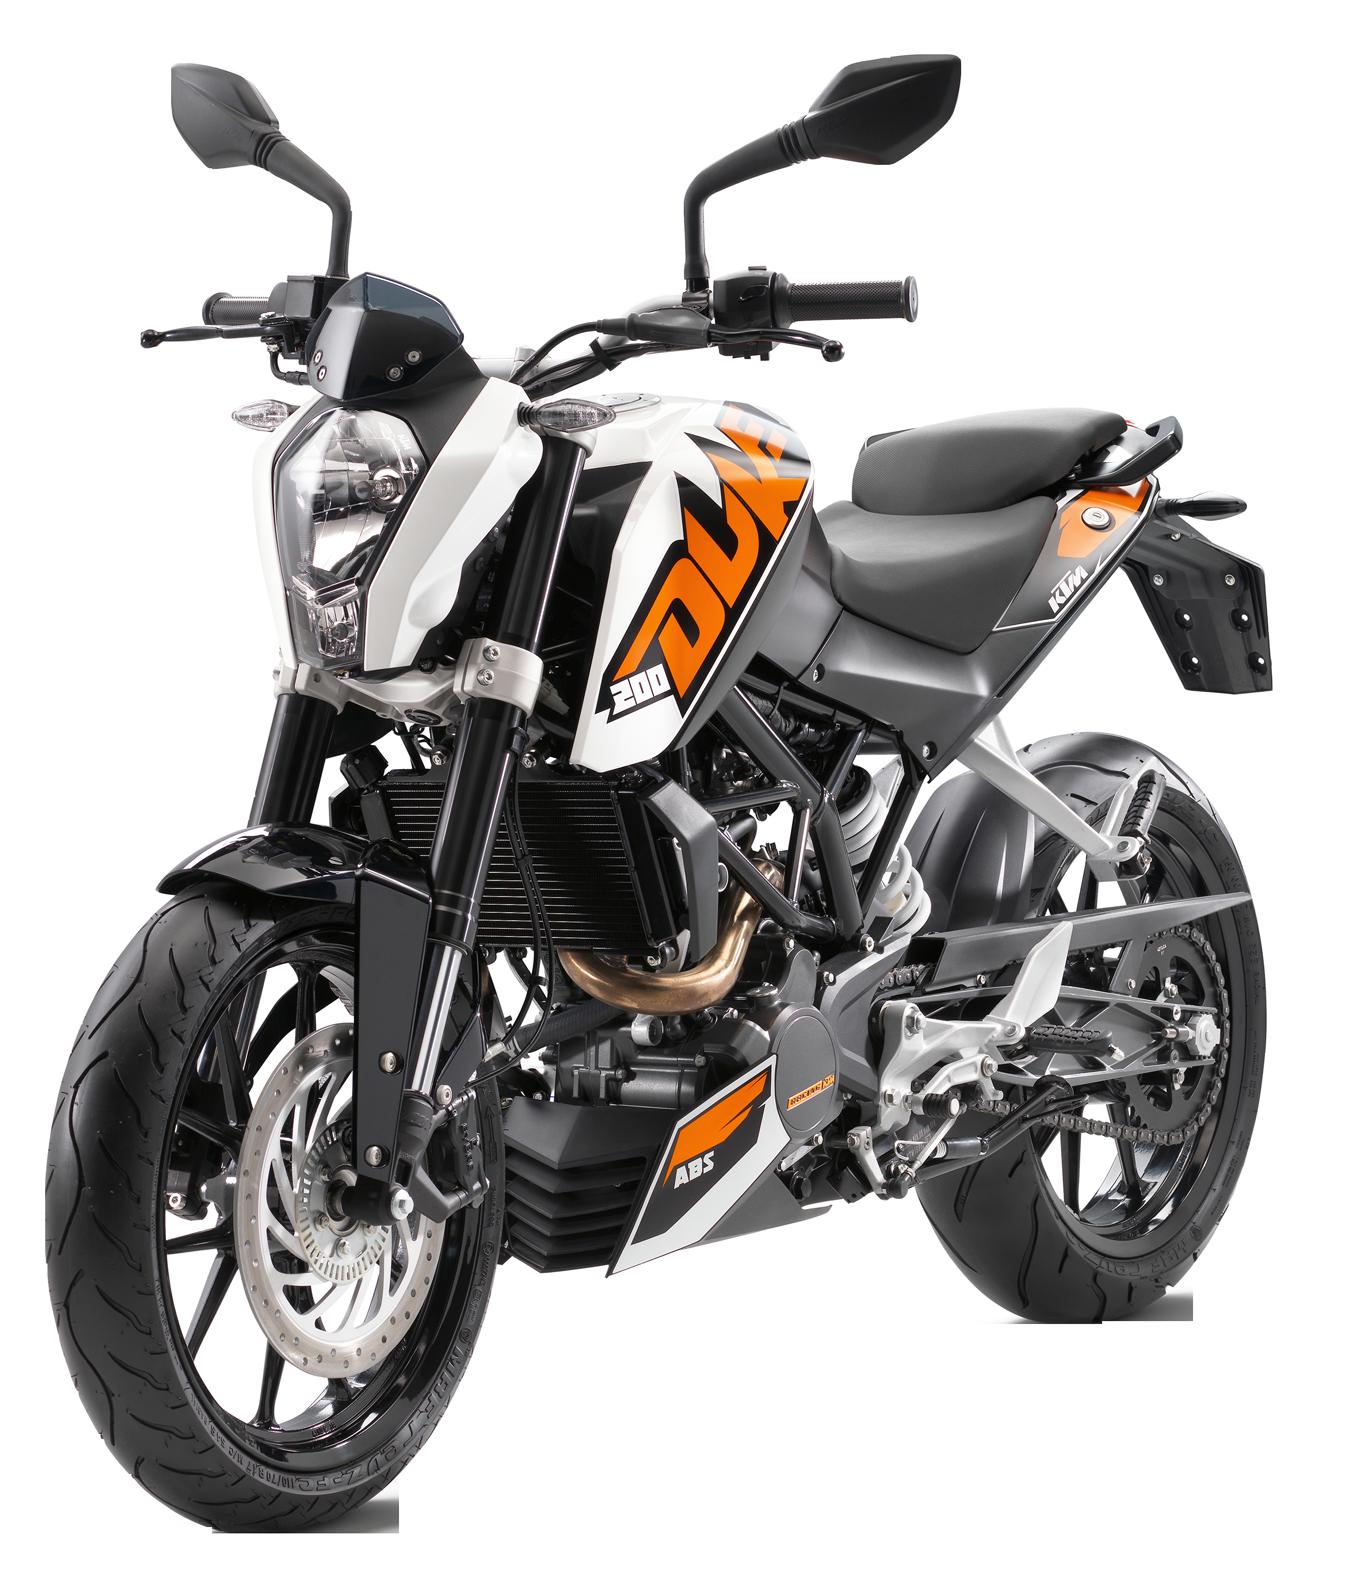 KTM 200 Duke Motorcycle Racing Bike PNG #49479.